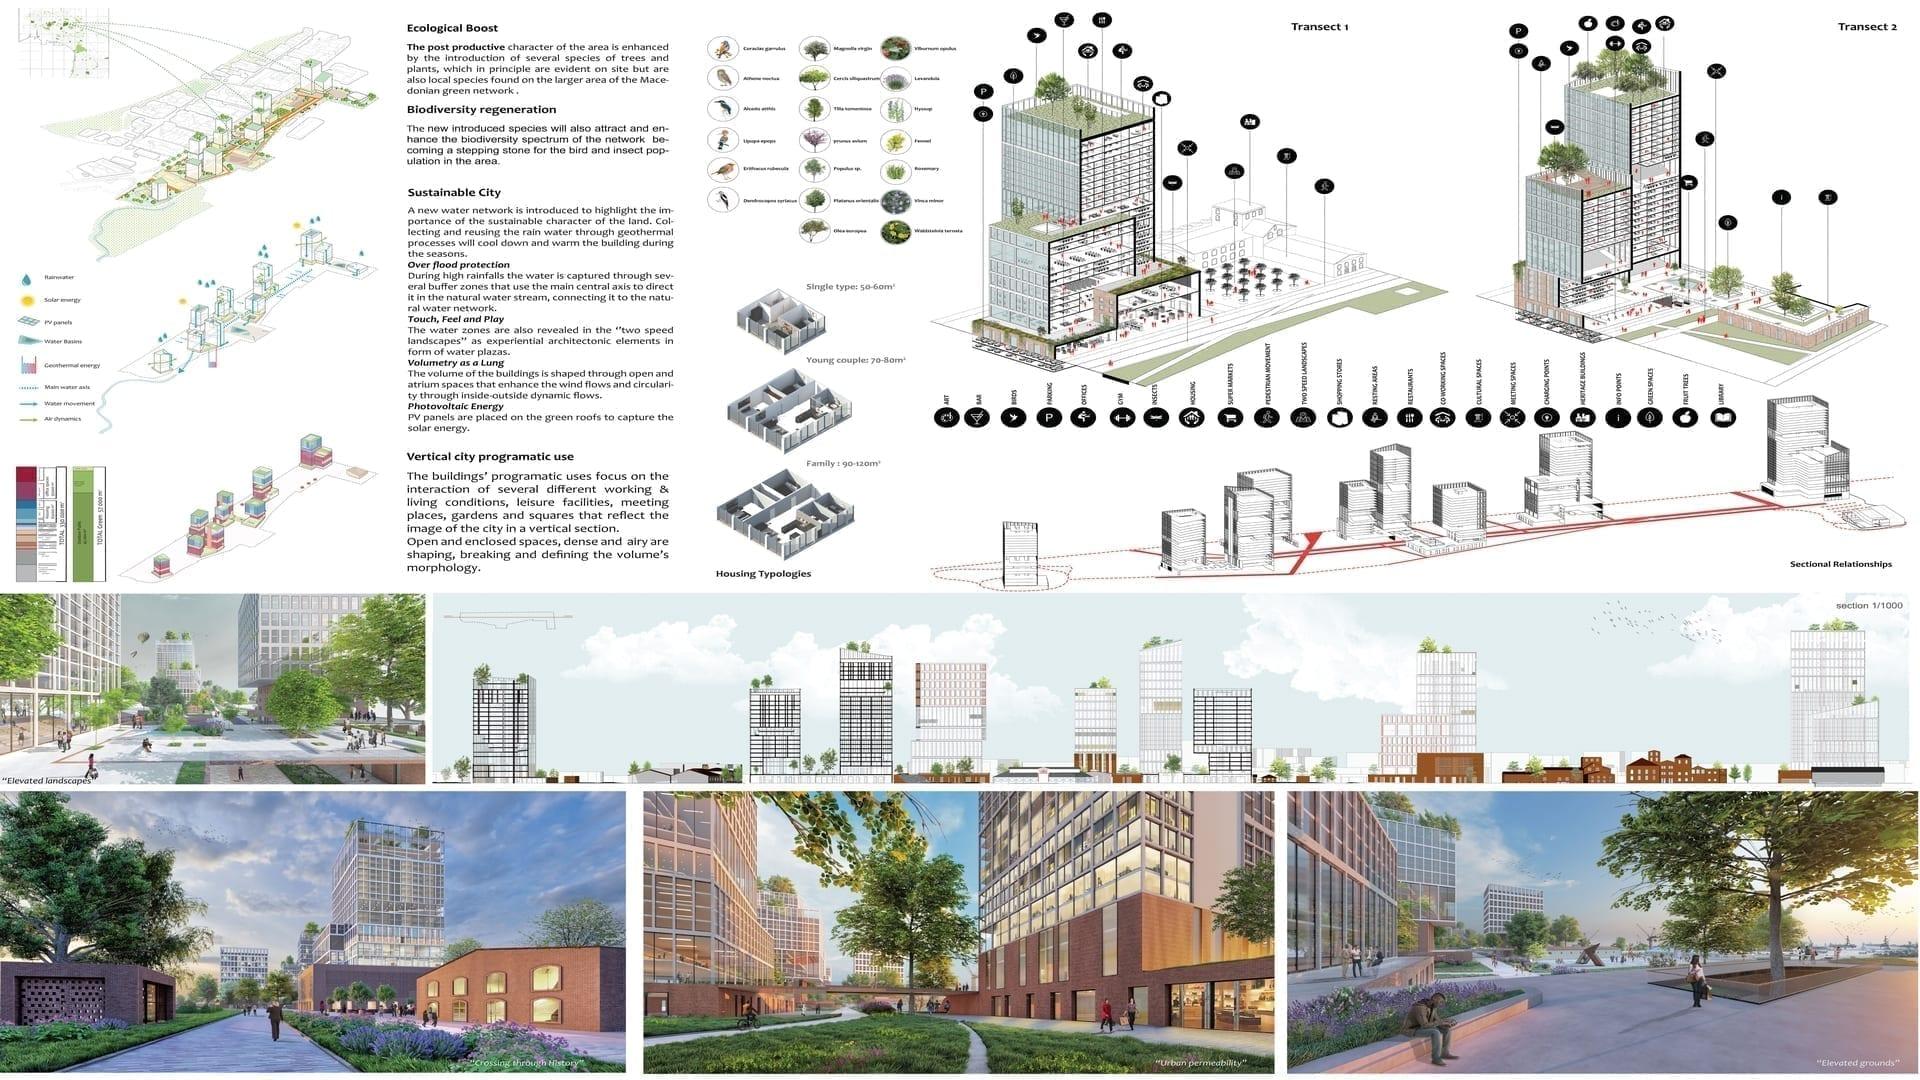 5th Prize De–fragmenting the Productive City 2 1920X1080 - ArXellence 2: participare impresionantă la Competiția de Arhitectură realizată de ALUMIL pentru crearea noului Central Business District (CBD) din Salonic, Grecia